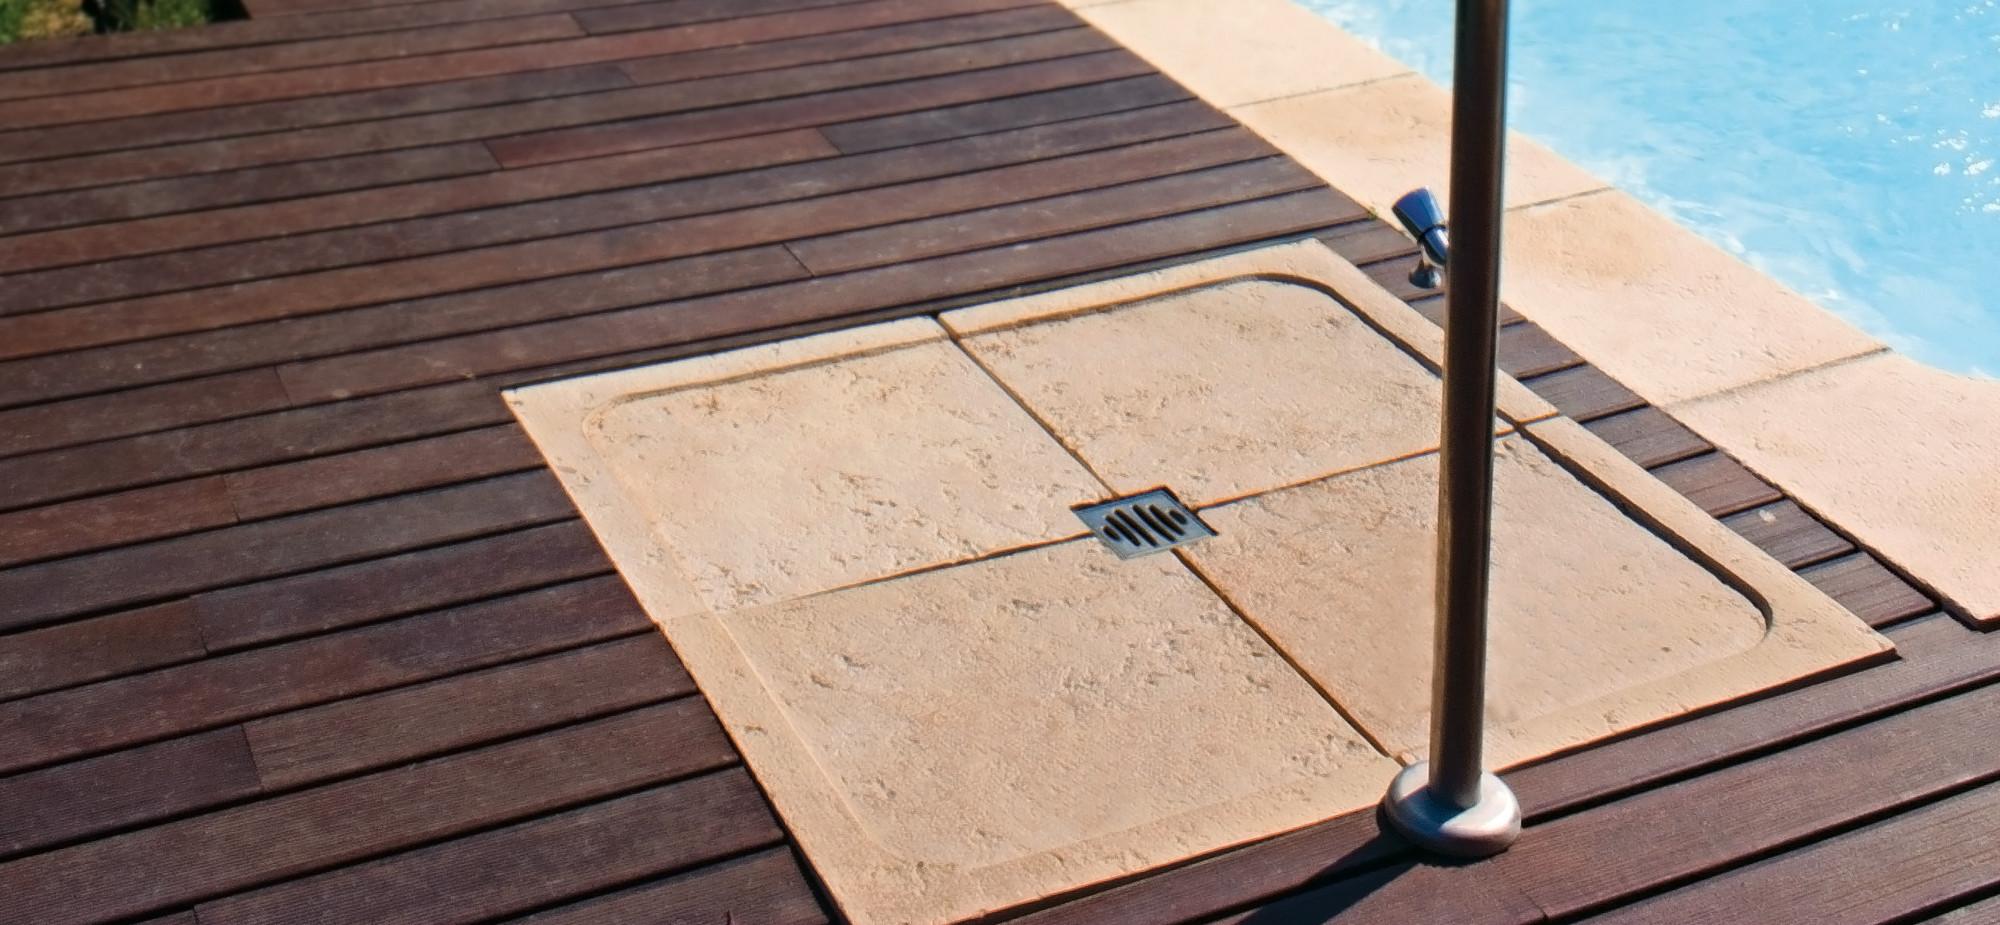 Base chuveiro fabistone pavimentos exteriores antiderrapantes - Duchas piscinas exterior ...